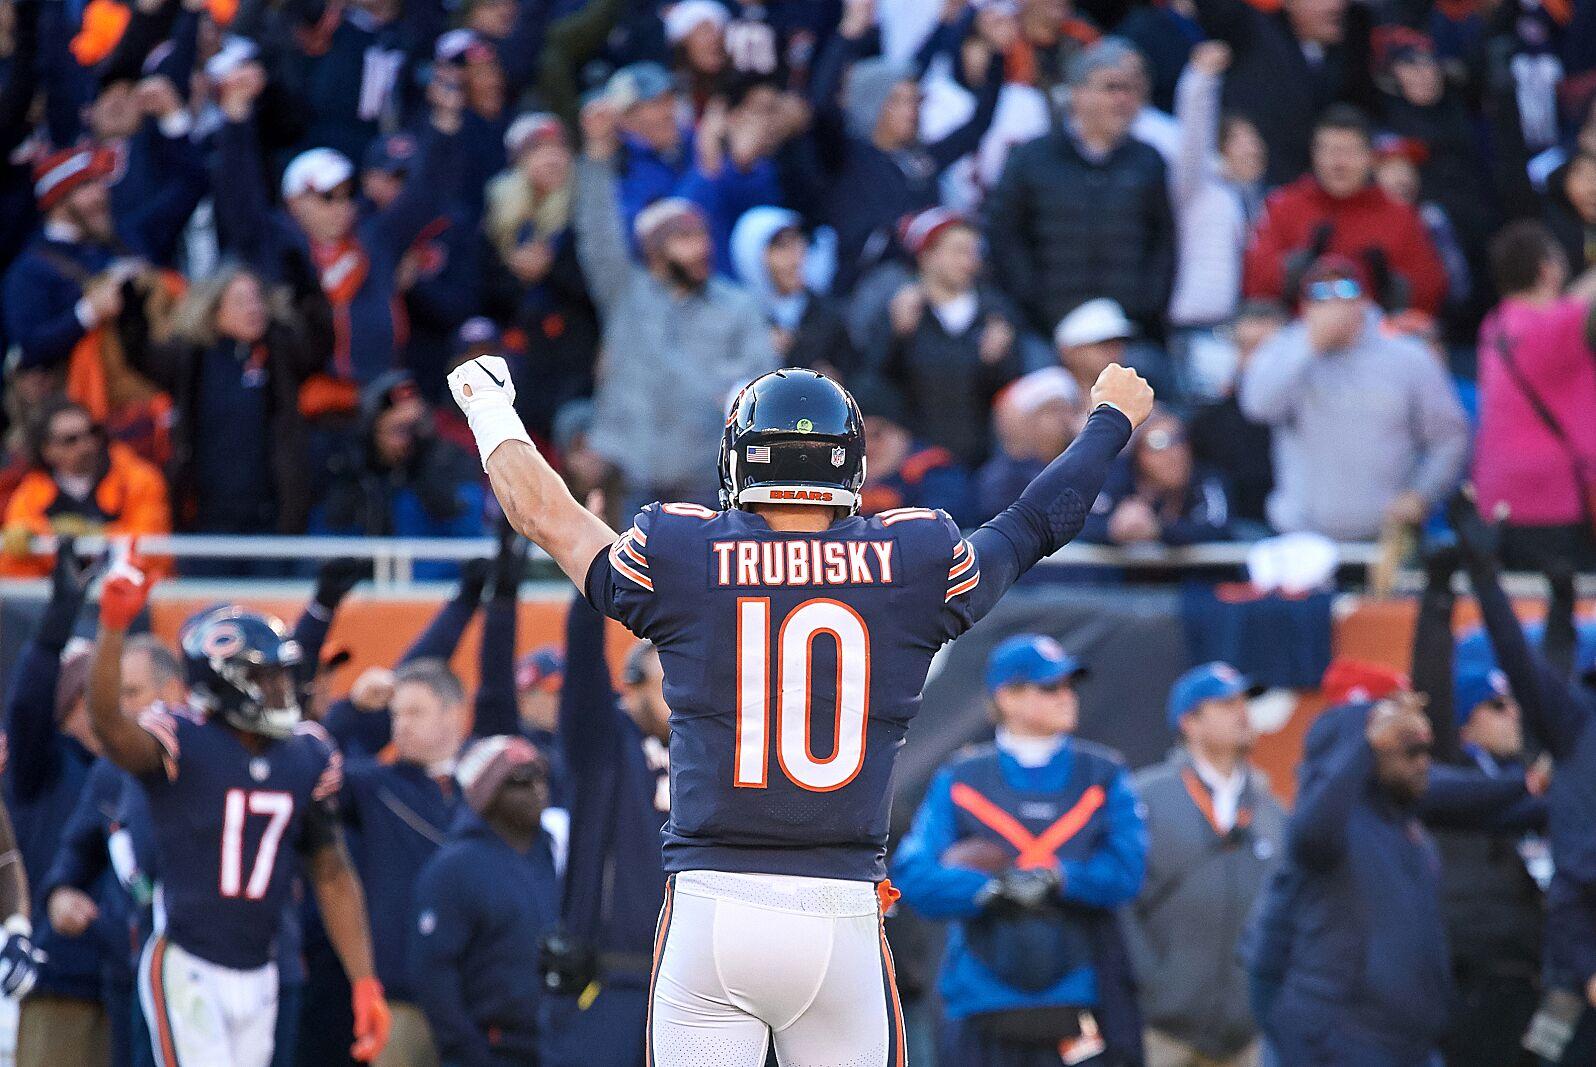 Fantasy football picks: Week 3 MNF Bears vs. Redskins